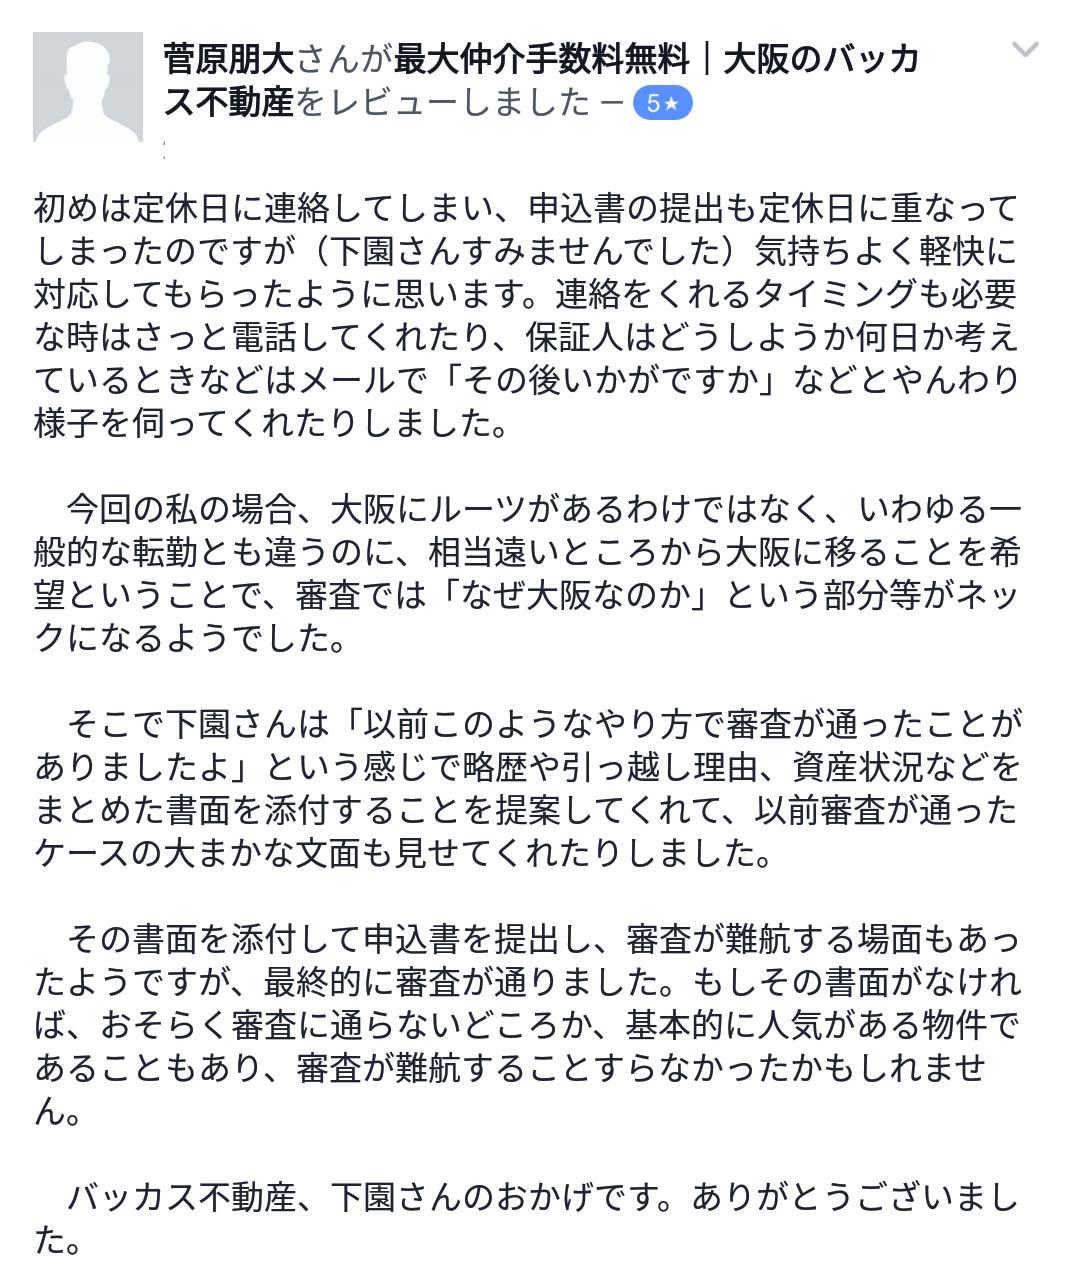 菅原朋大様のレビュー